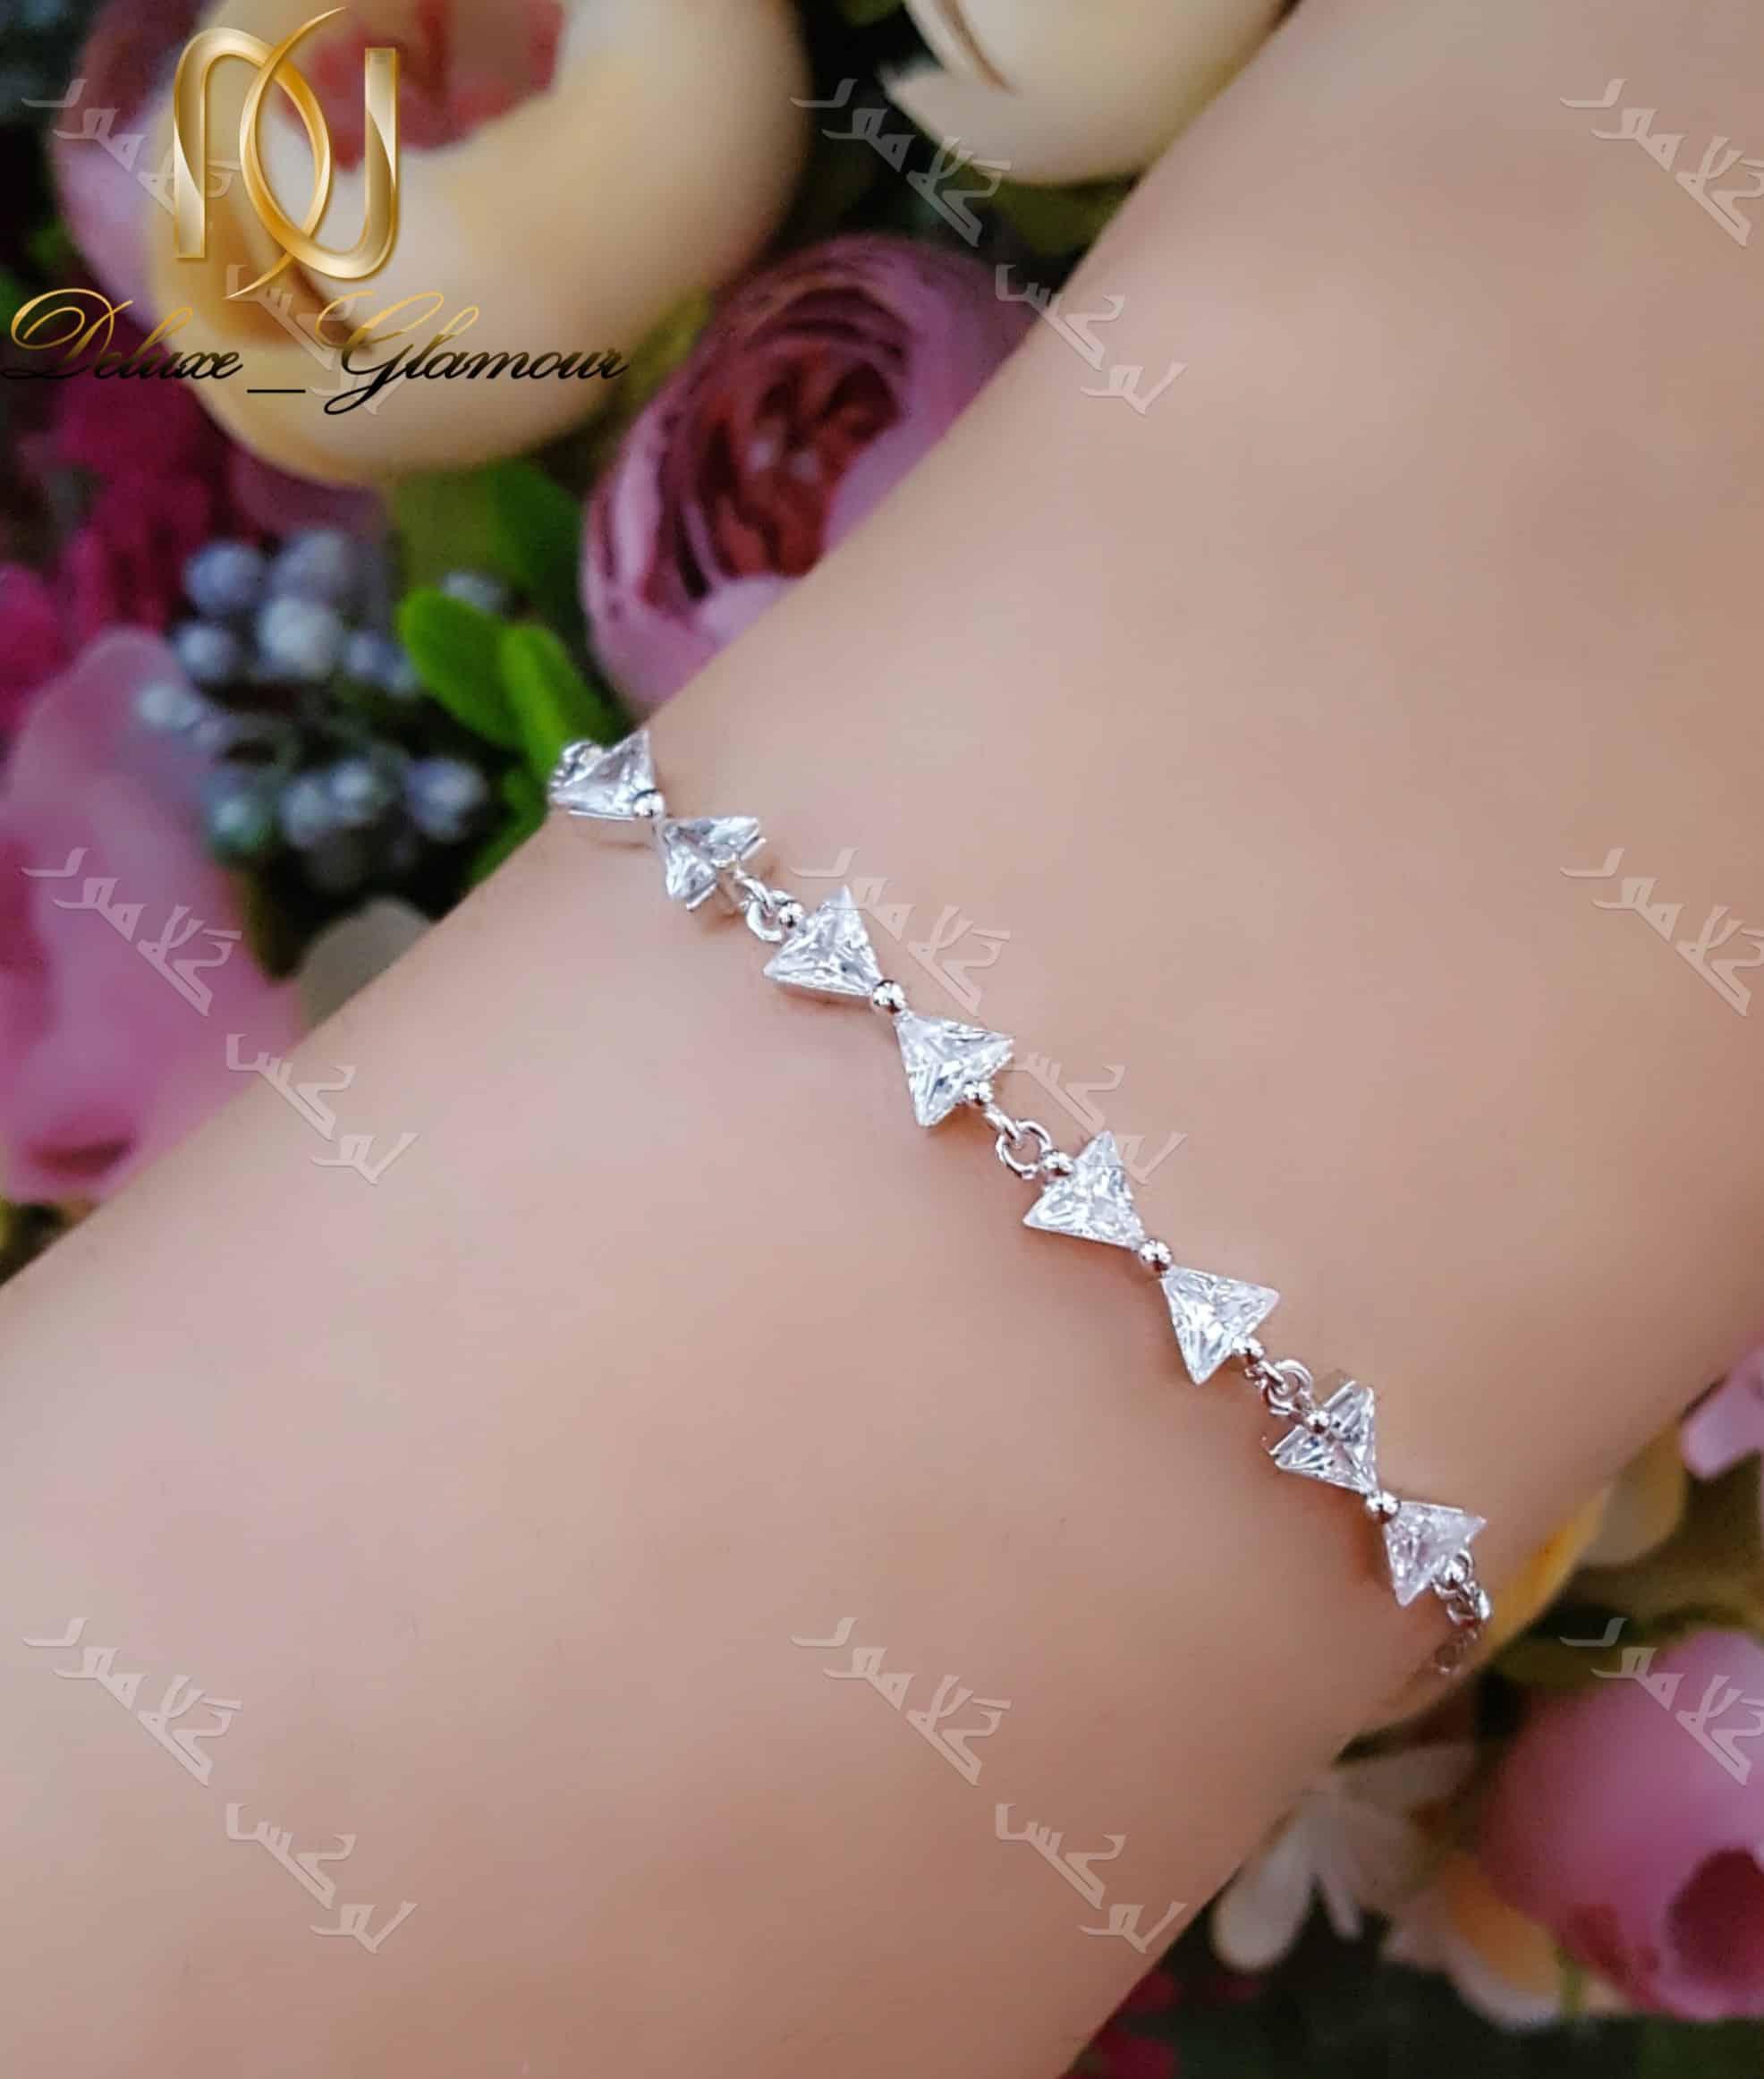 دستبند جواهری دخترانه طرح پاپیون با کریستالهای سواروفسکی - روی دست